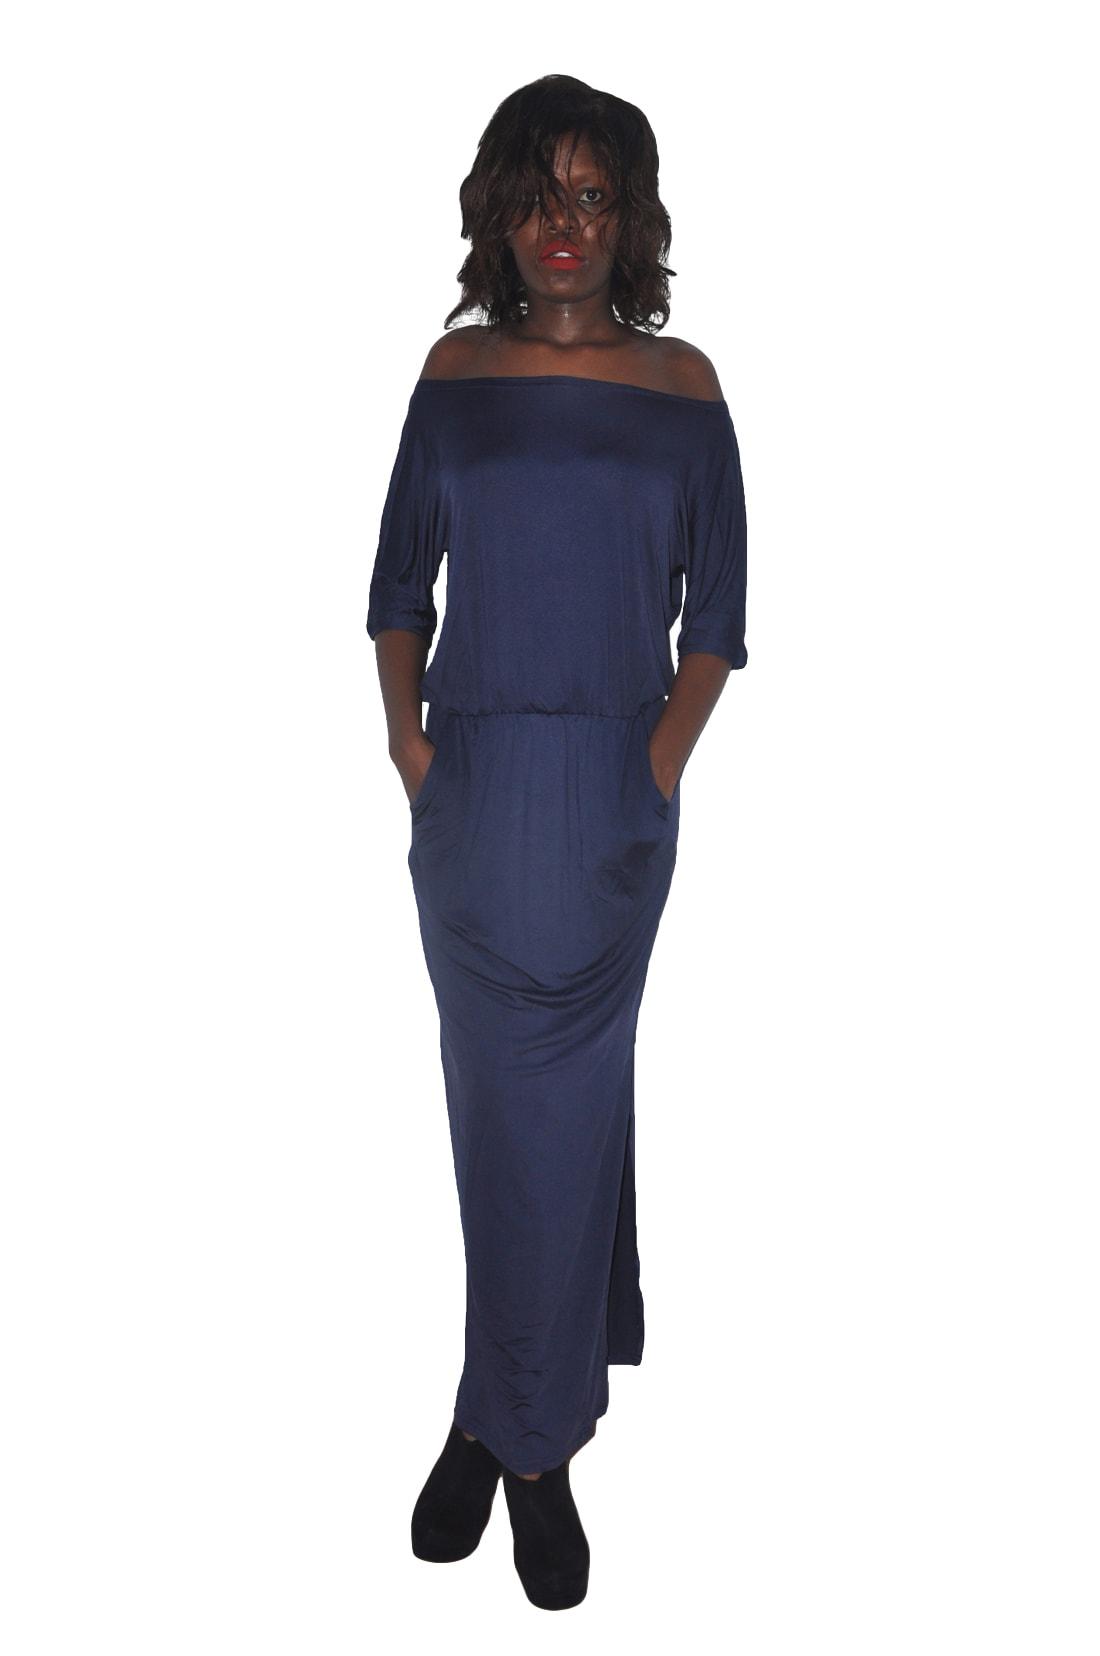 M0229 darkblue1 Maxi Dresses maureens.com boutique